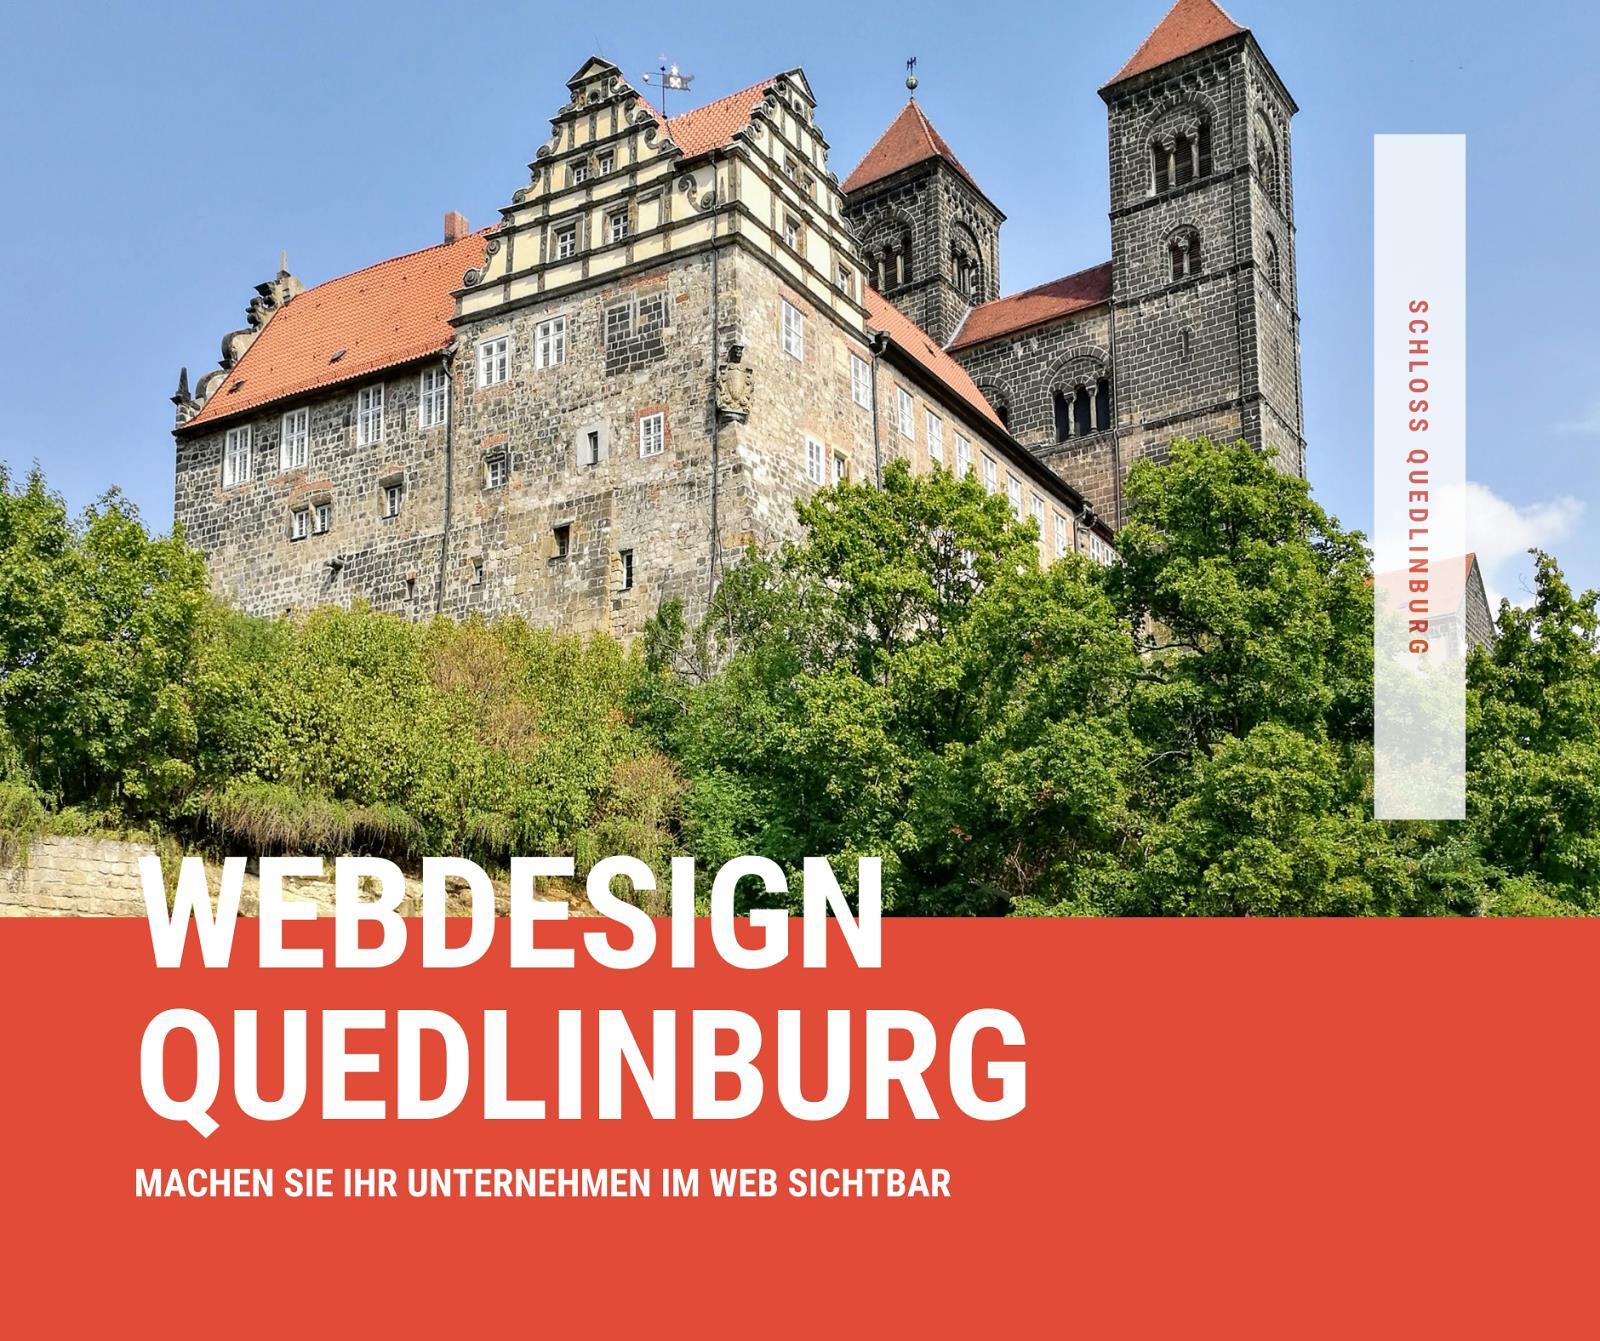 Webdesign Quedlinburg